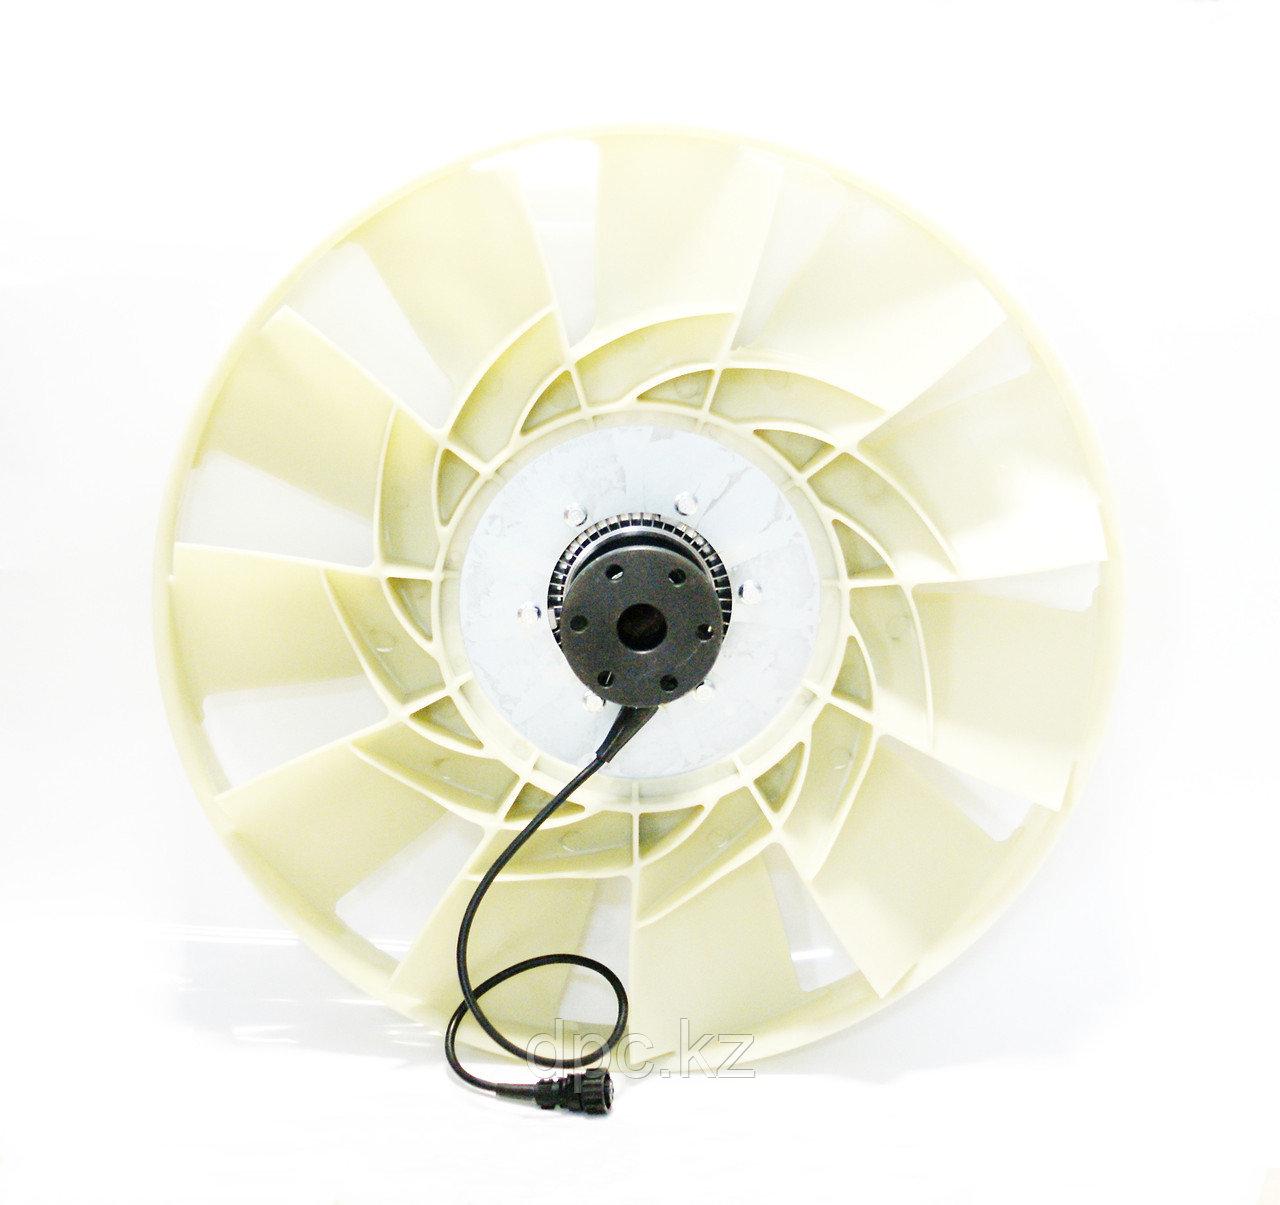 Вентилятор с муфтой D-650 для Cummins 6ISBe Евро 4  020005338